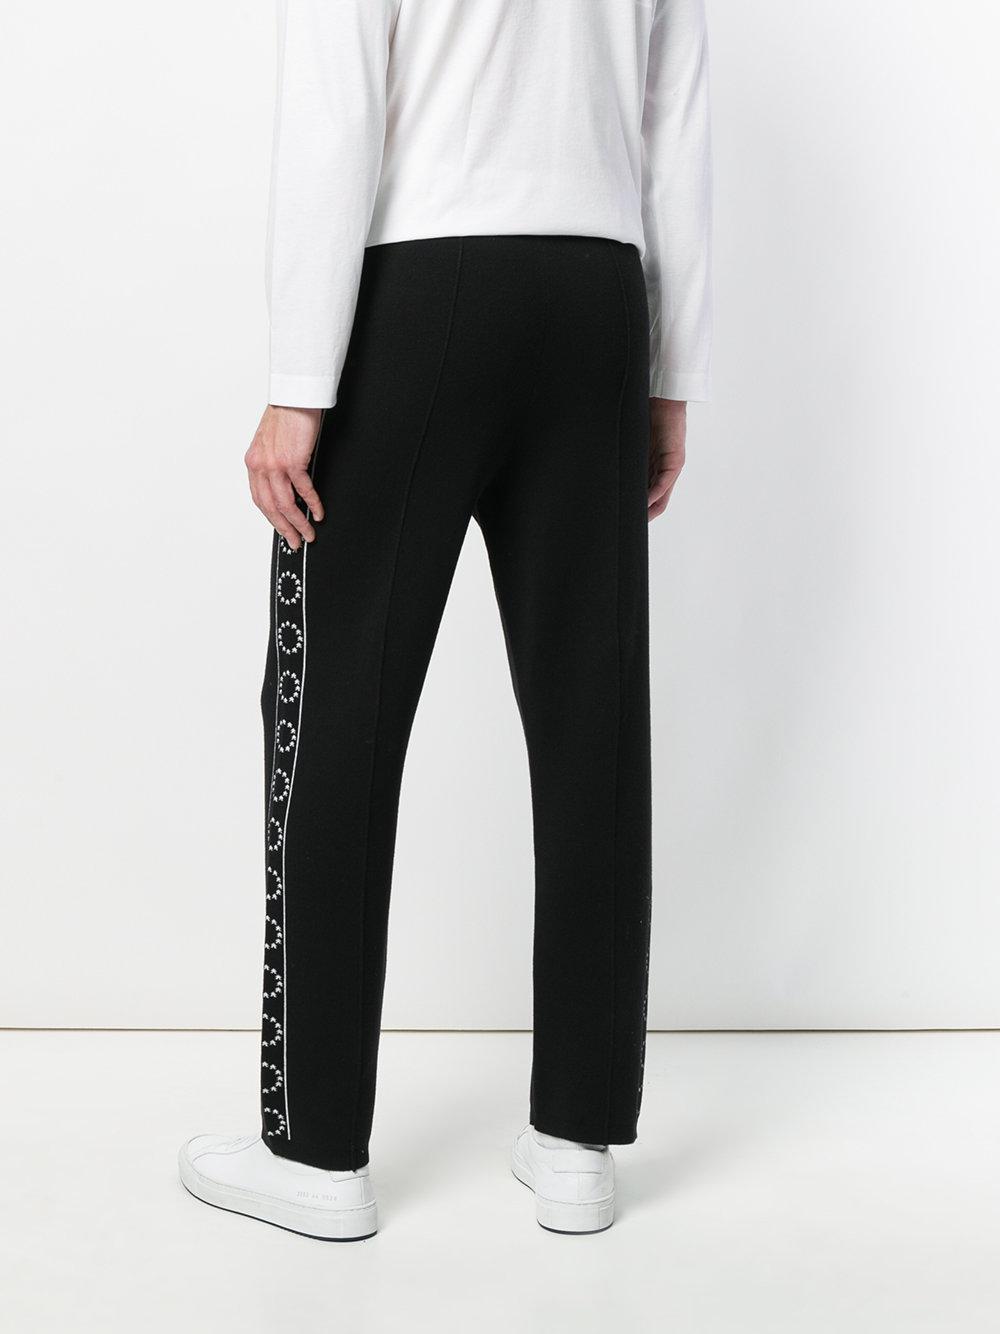 Black Time-Out Lounge Pants Études Studio Best Sale Online SK0sFxIO